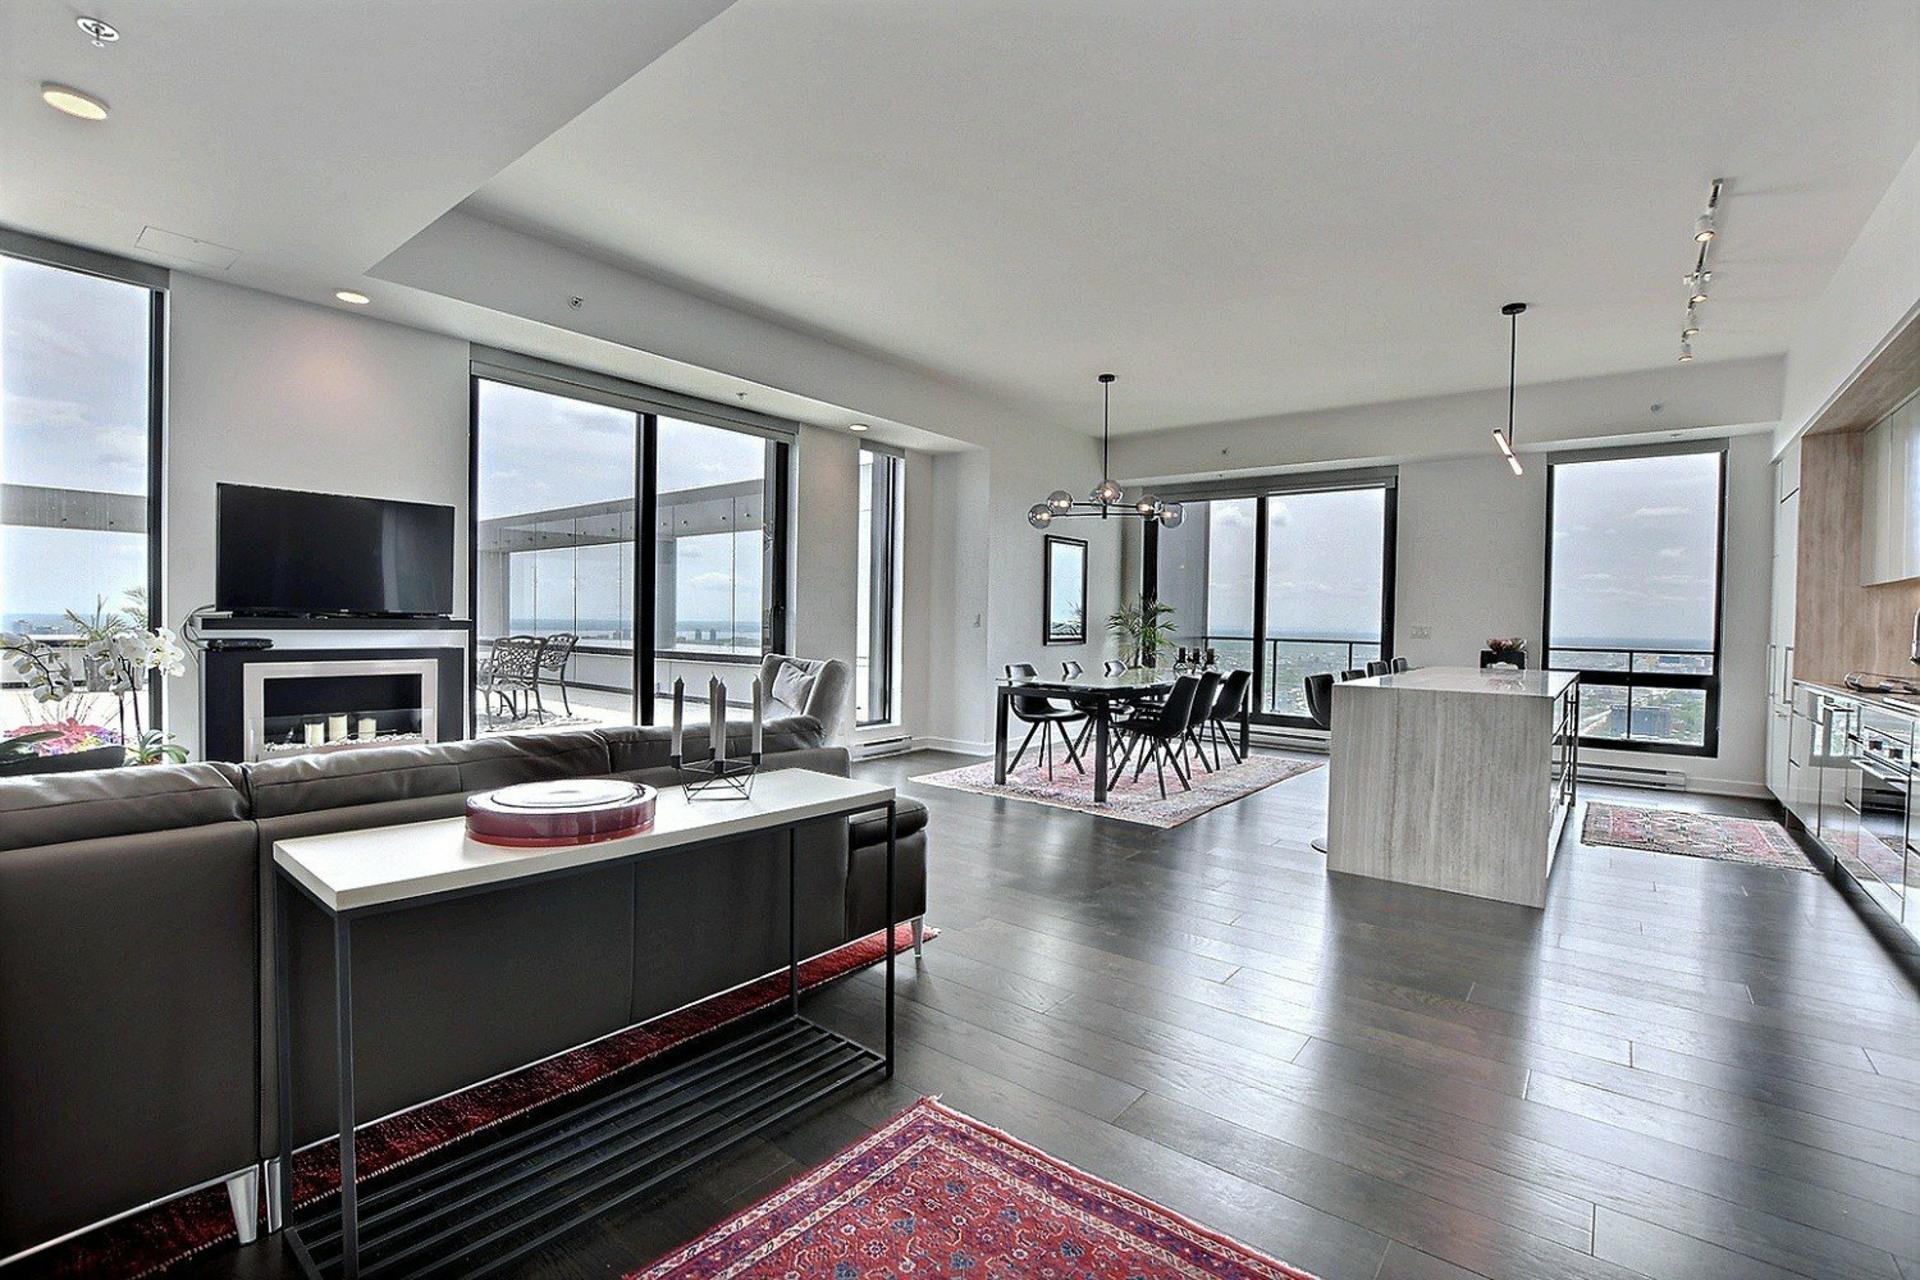 image 10 - Apartment For sale Ville-Marie Montréal  - 7 rooms